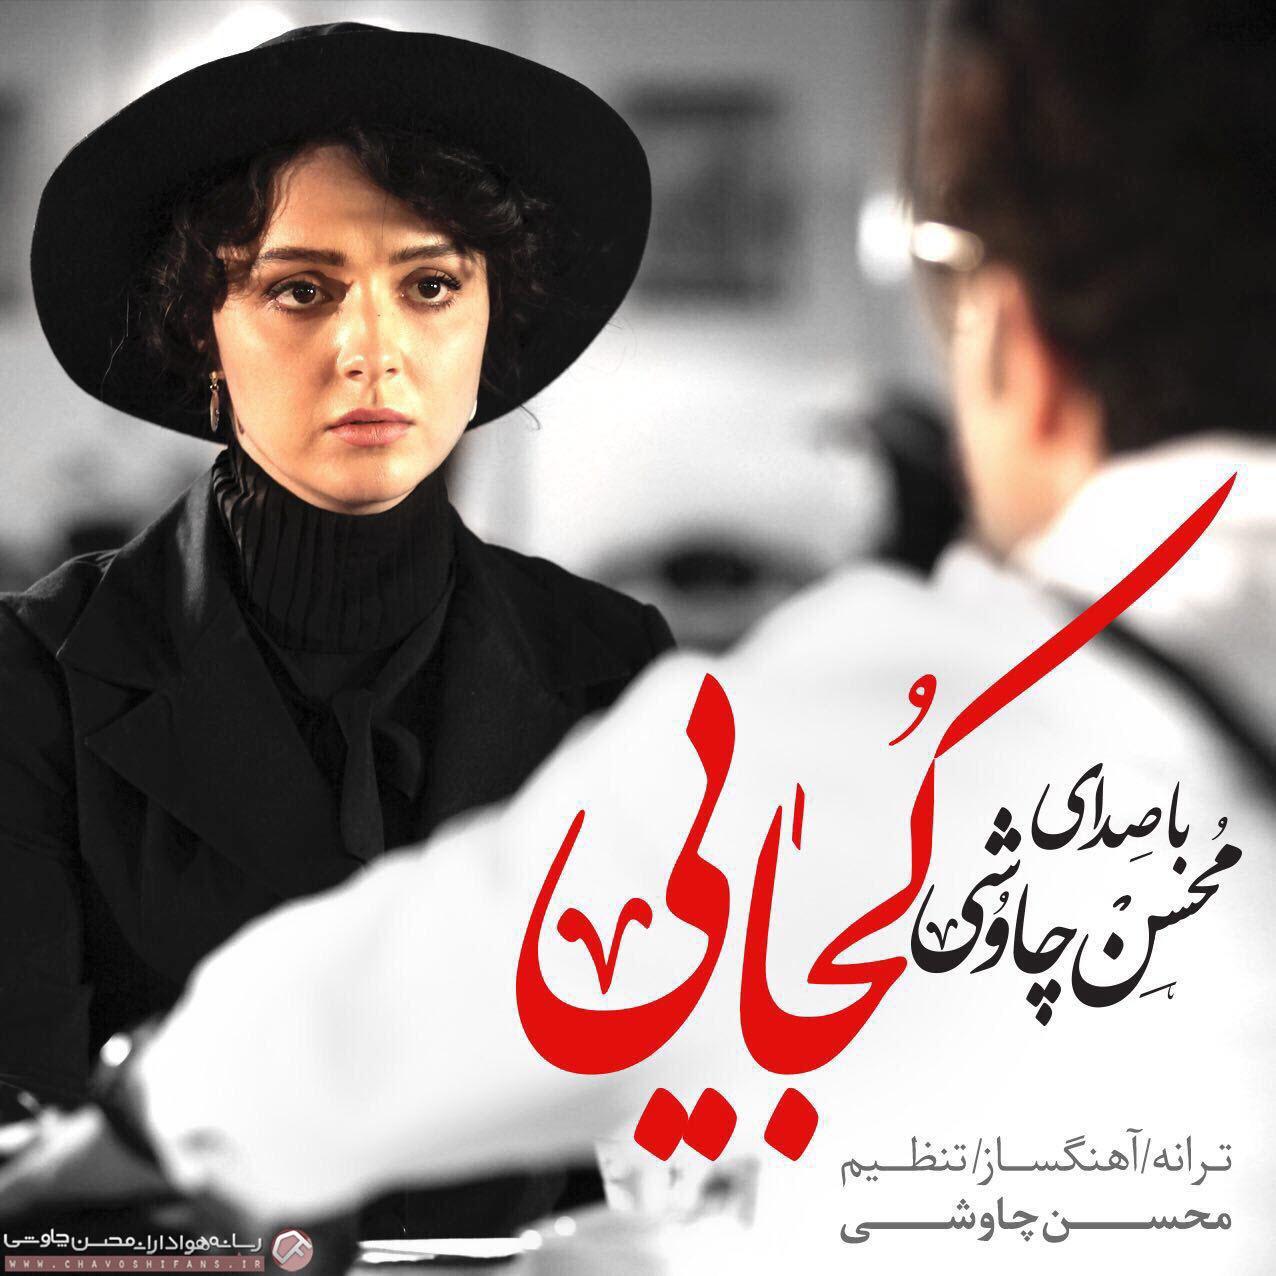 آهنگ کجایی محسن چاوشی- صفحه شخصی صابر اذعانی